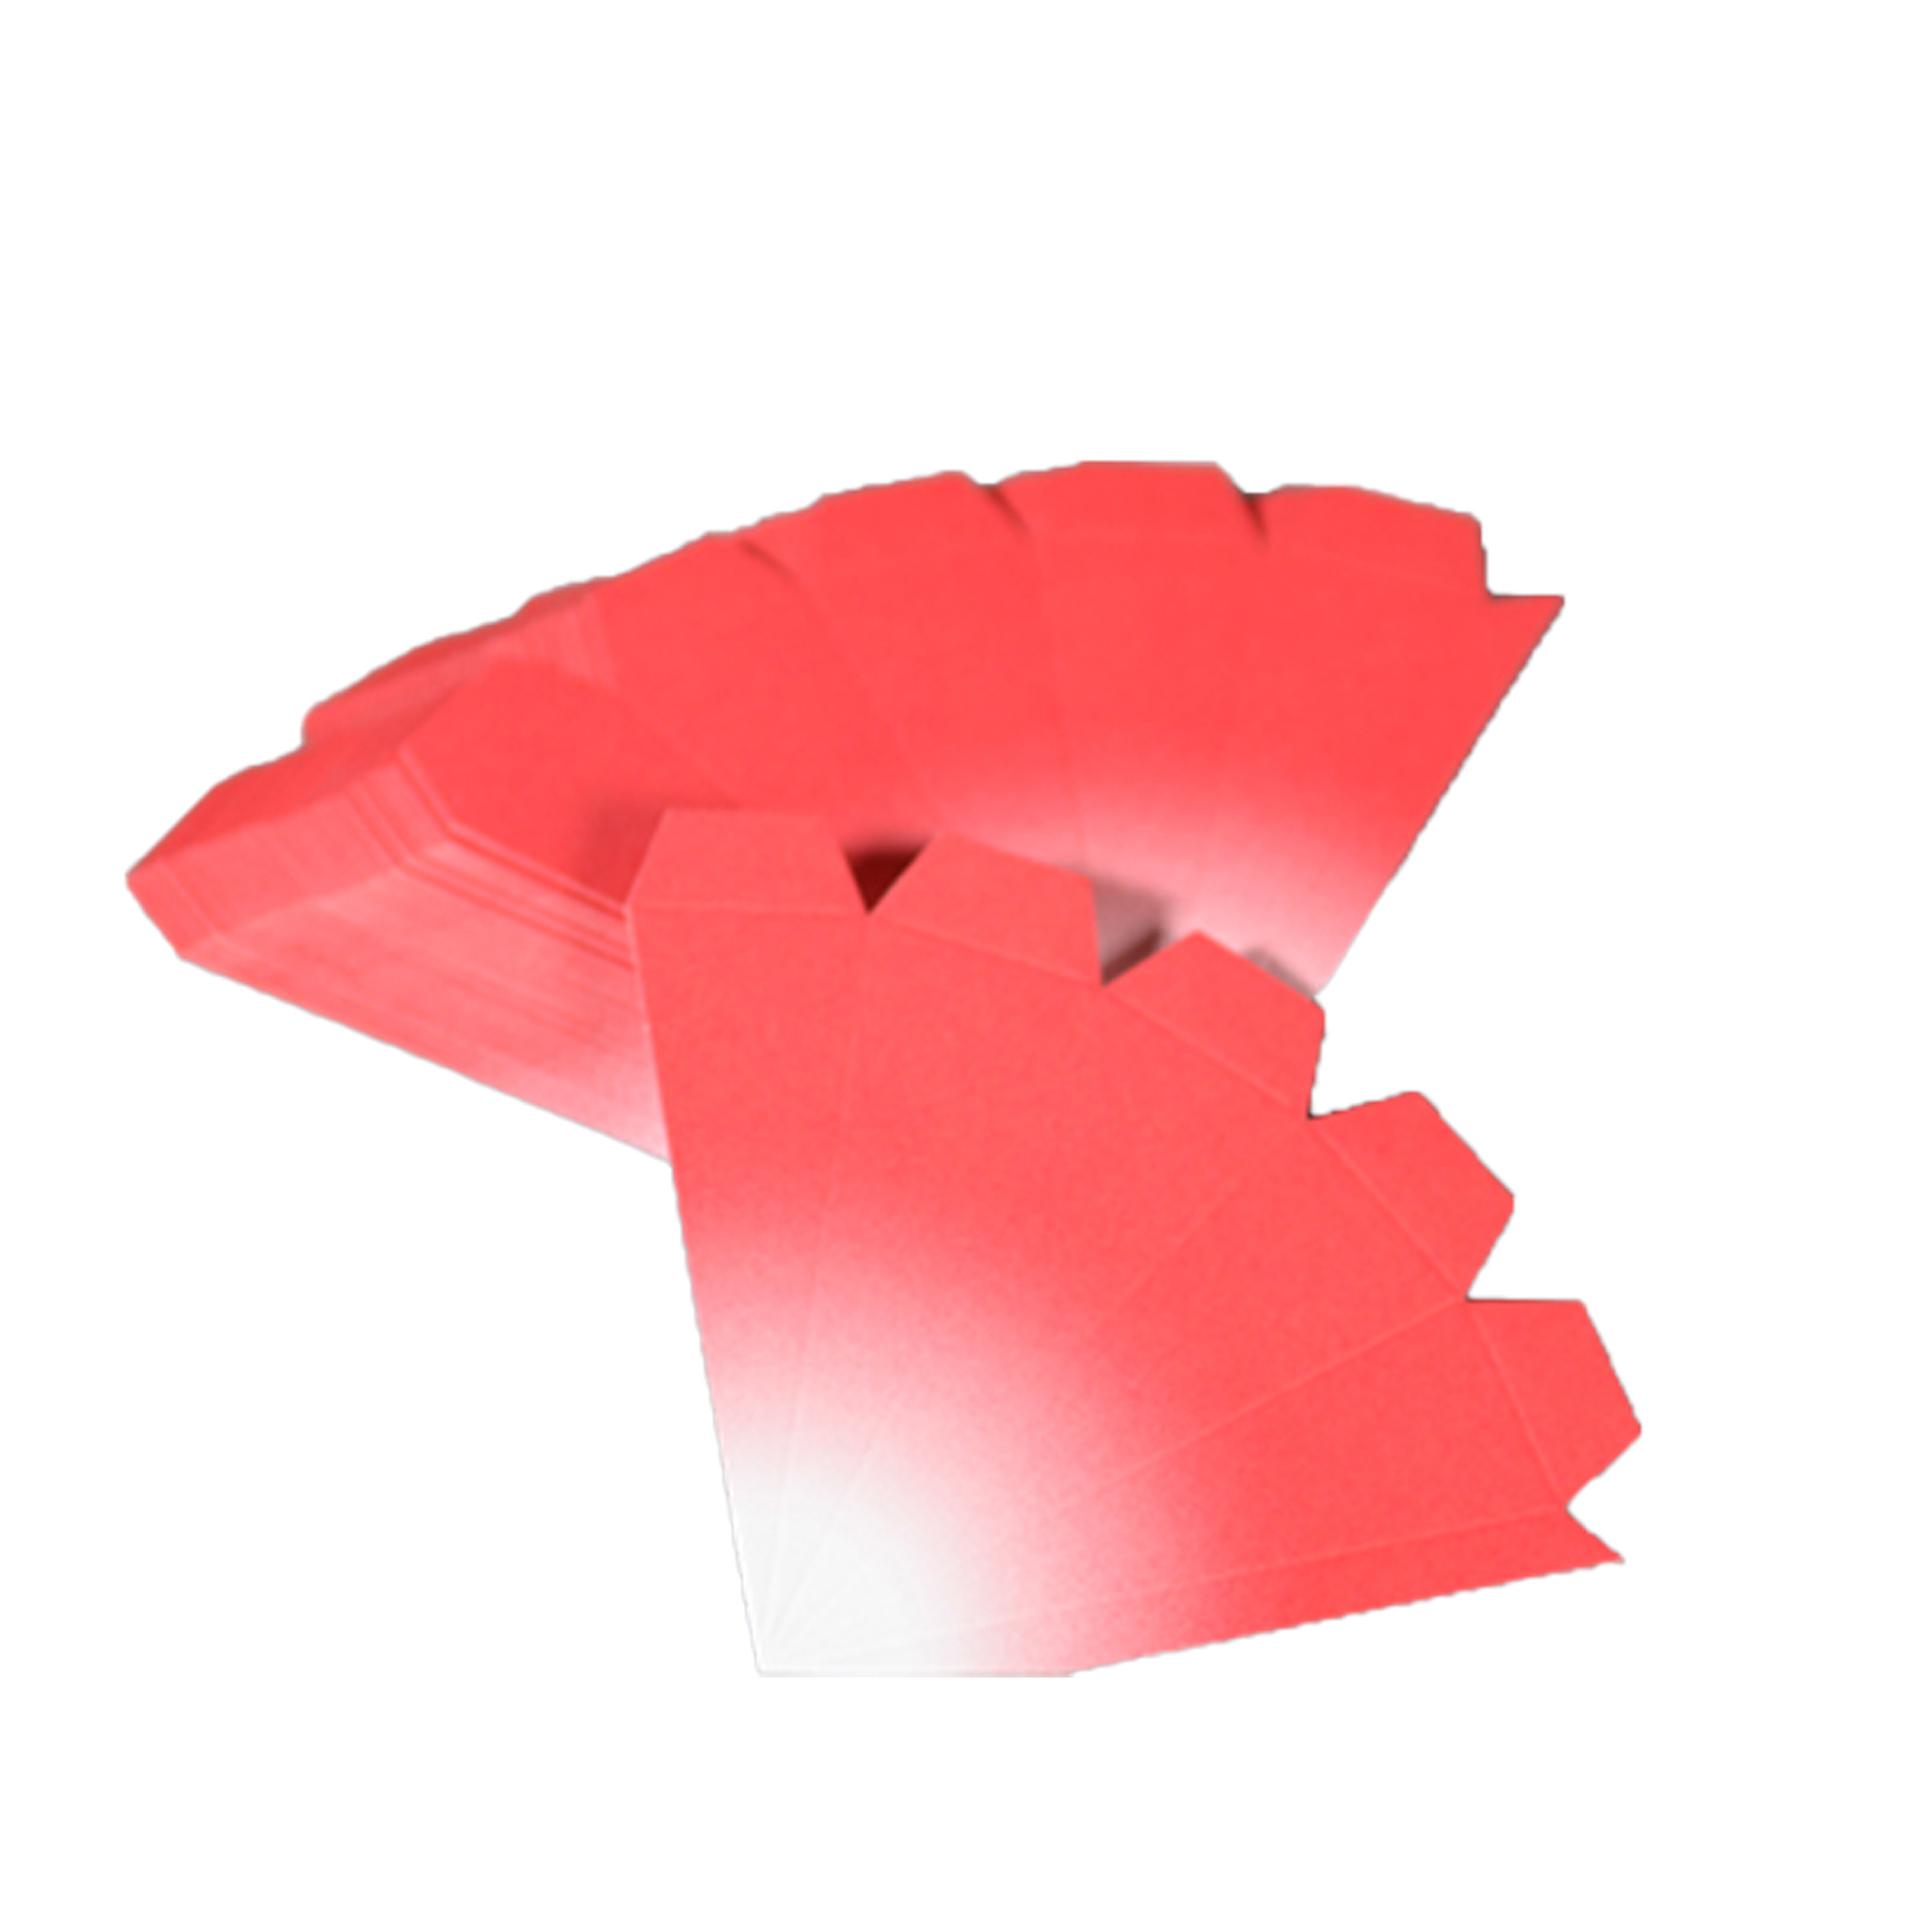 Bausatz für Adventssterne, 3er Set rot mit weißen Spitzen